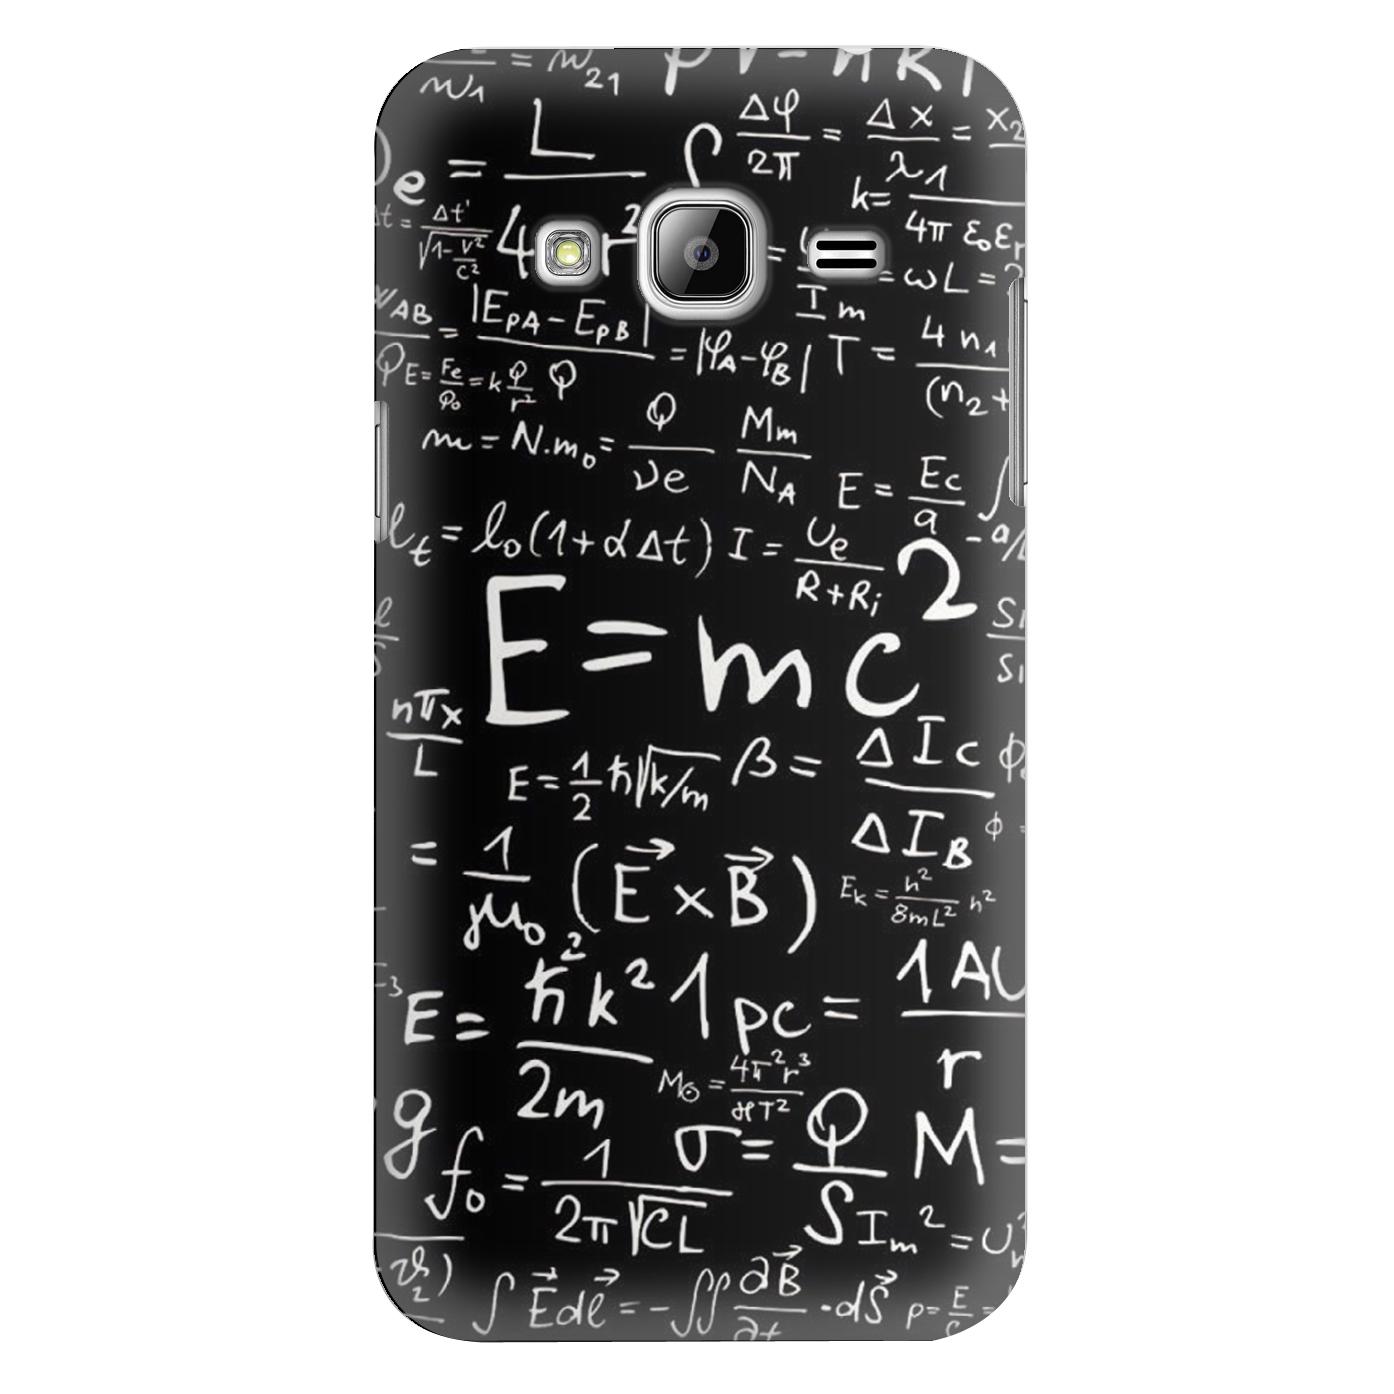 ή Samsung Galaxy J3 J3 2016 Emc2